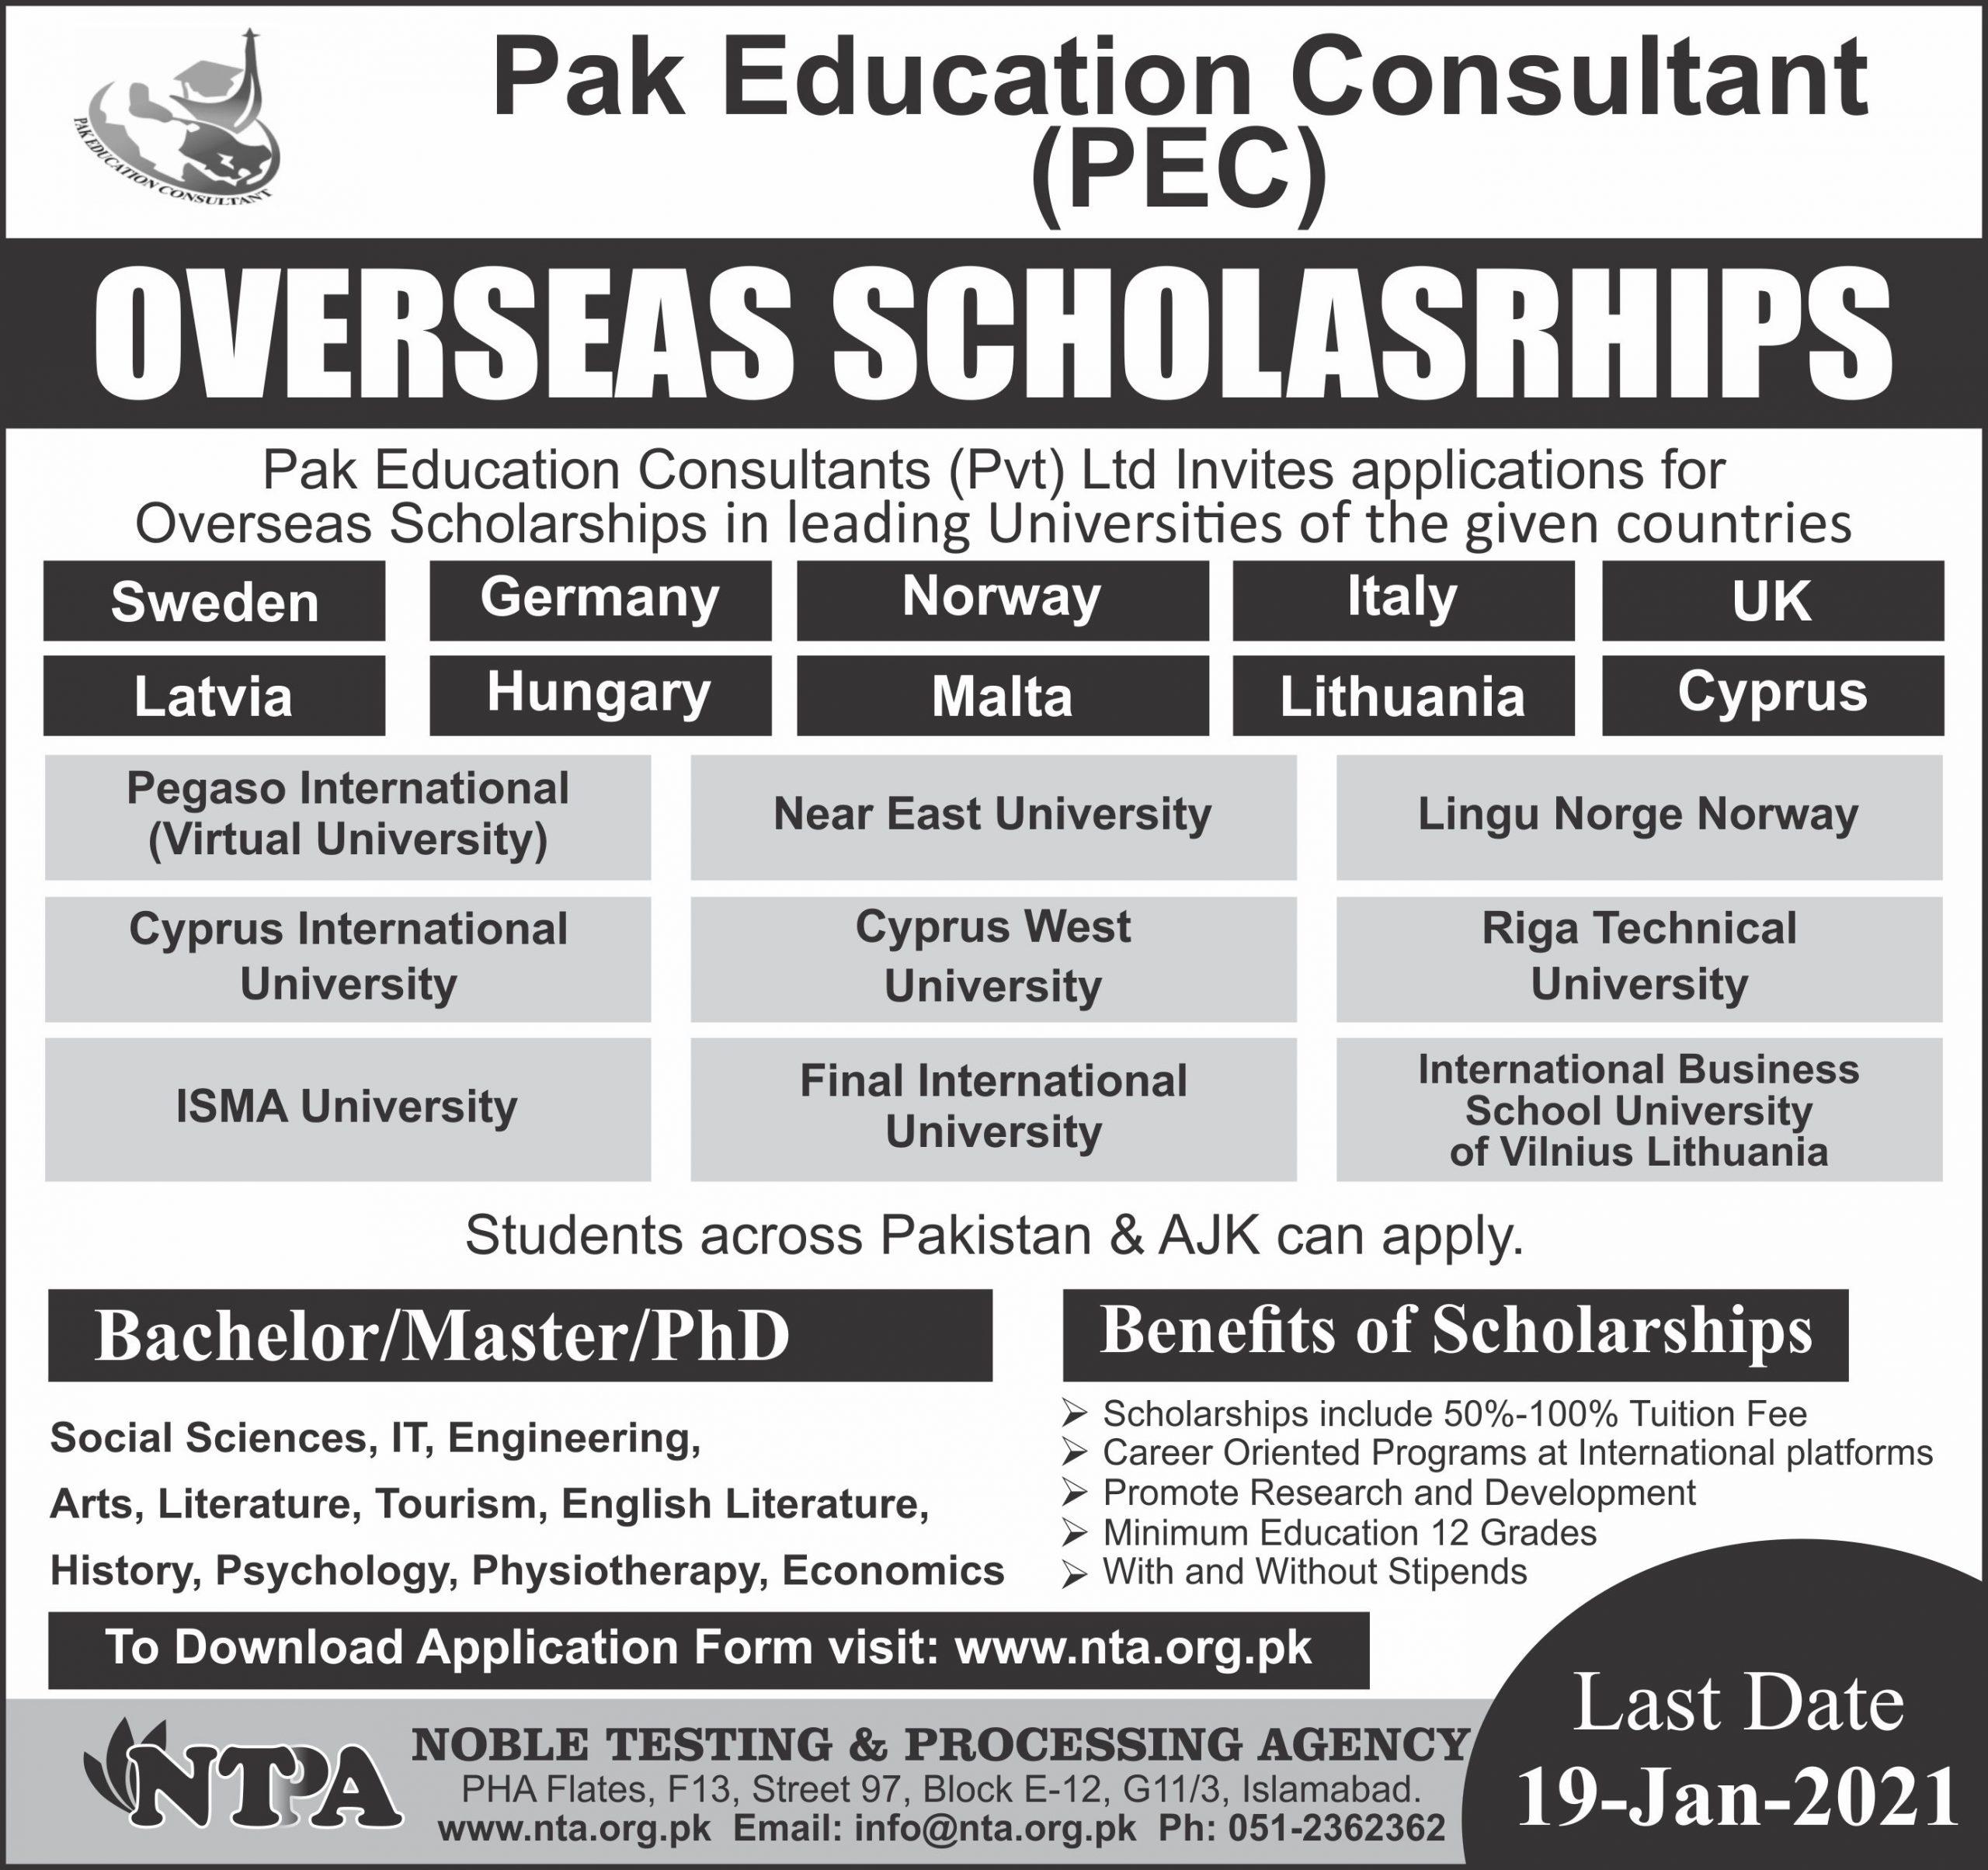 PEC Overseas Scholarship NTPA Roll No Slip Download Online